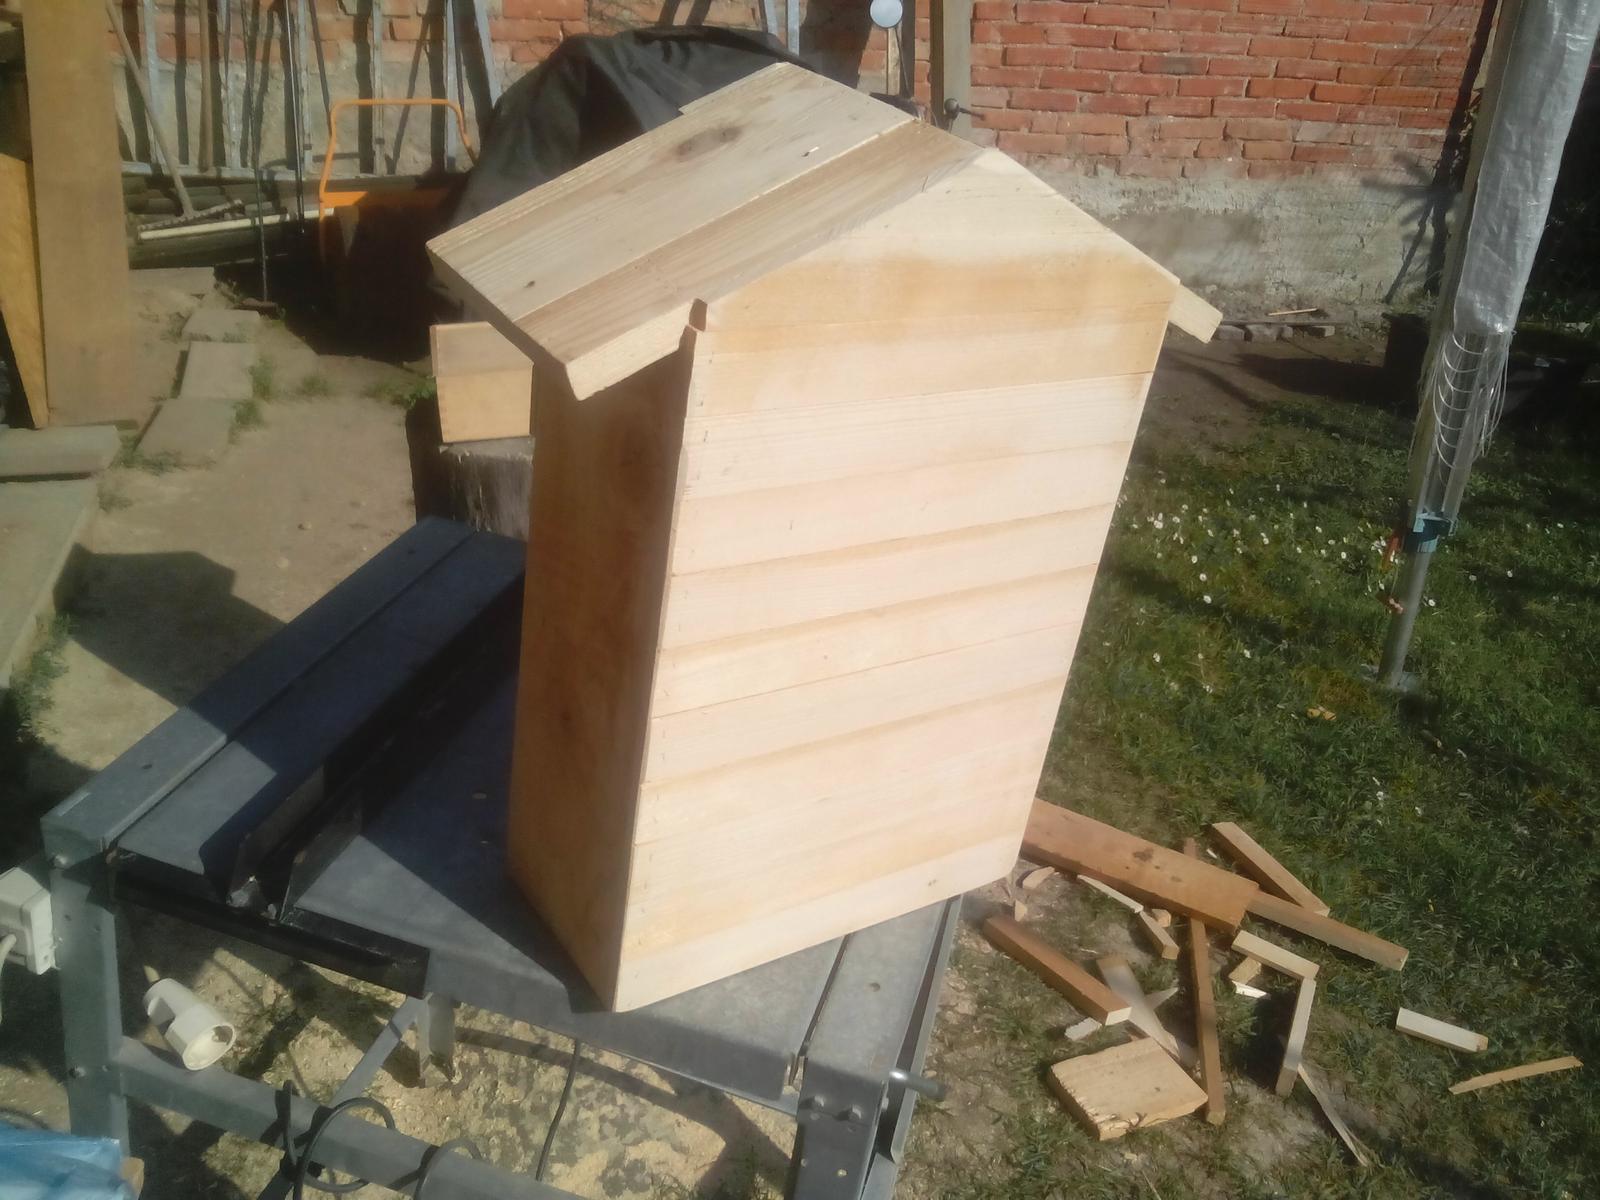 Ešte raz niečo zo zbytkov dreva - Aj zadná strana musí byť pekne spravená. Ani taký detail sa nesmie odfláknuť. :o)